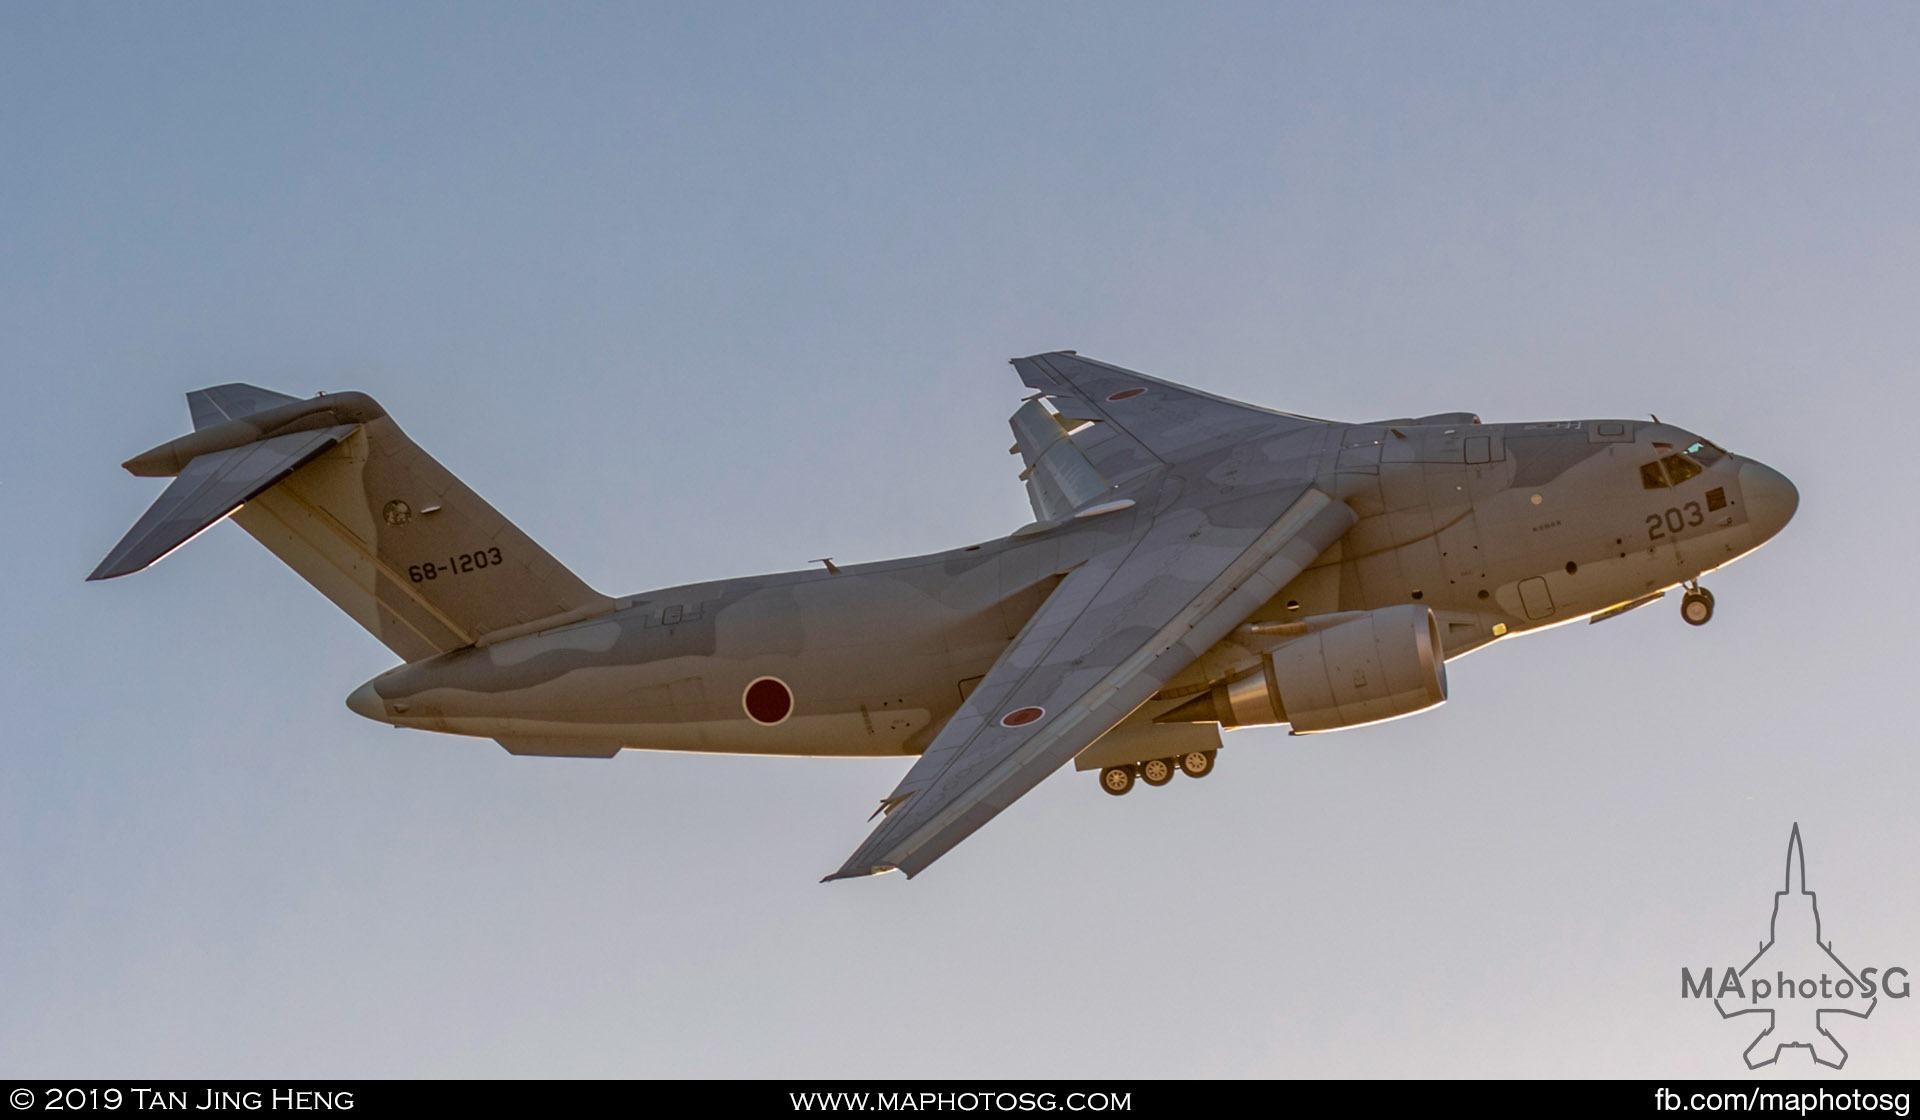 JASDF Kawasaki C-2